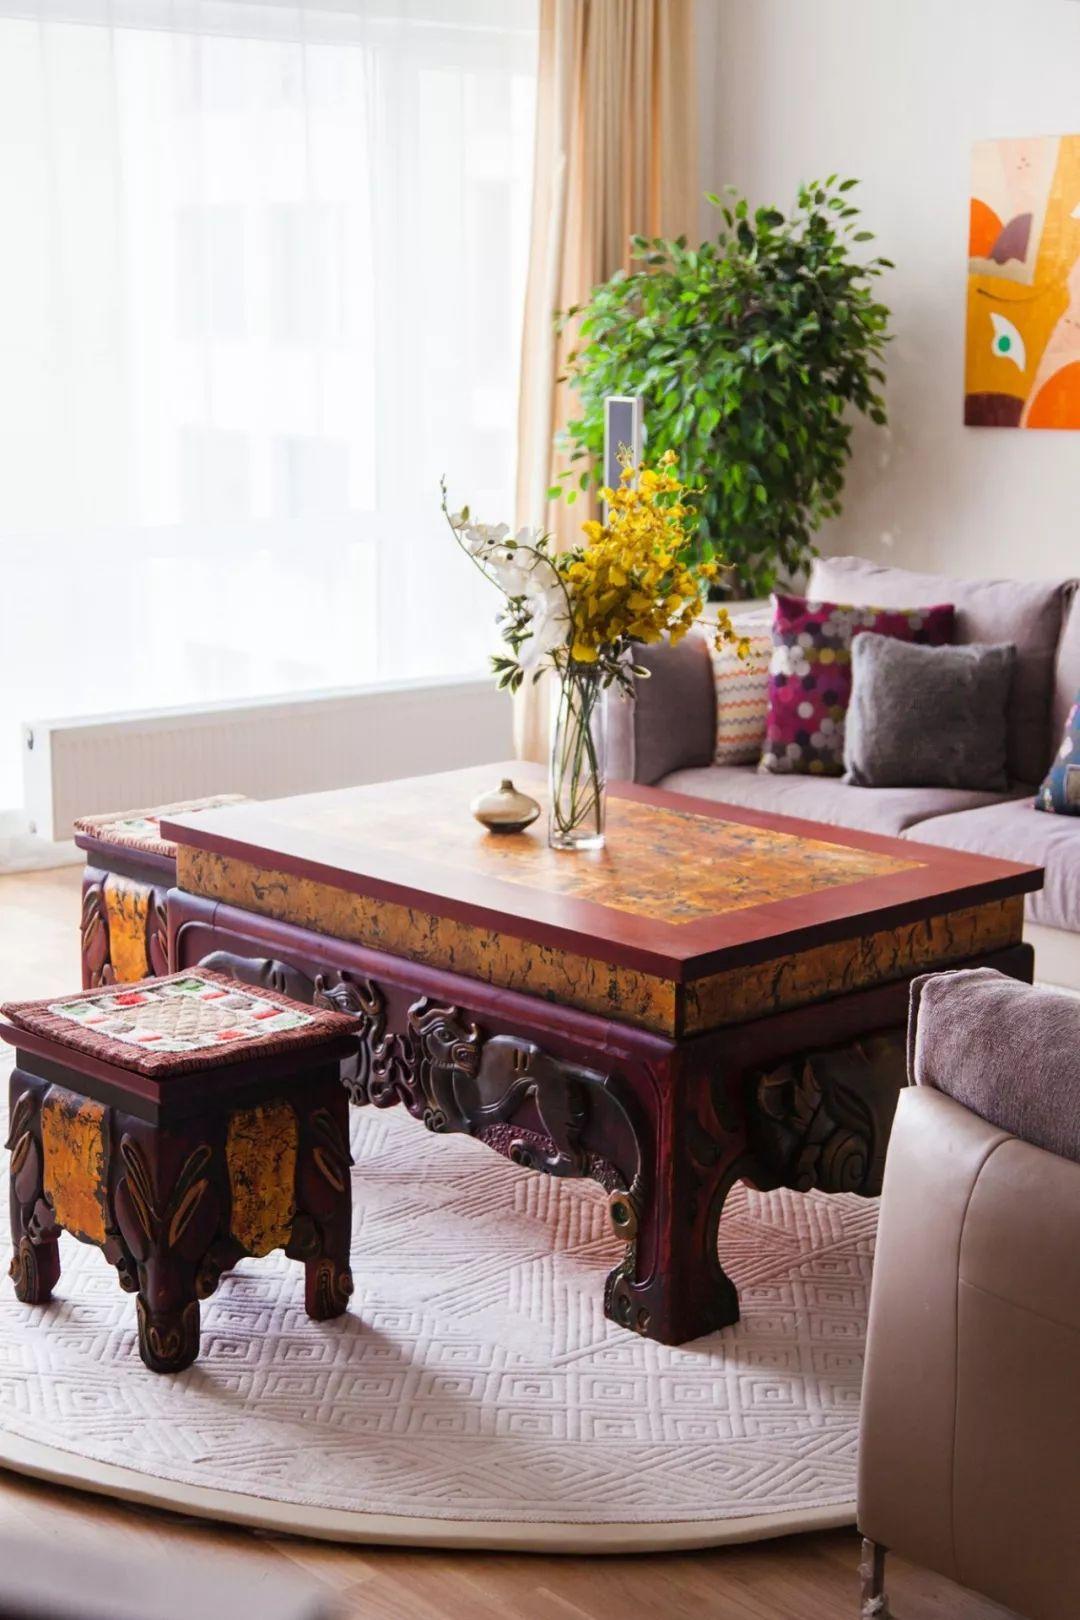 蒙古国设计的蒙古包家具和用品,太漂亮了~ 第9张